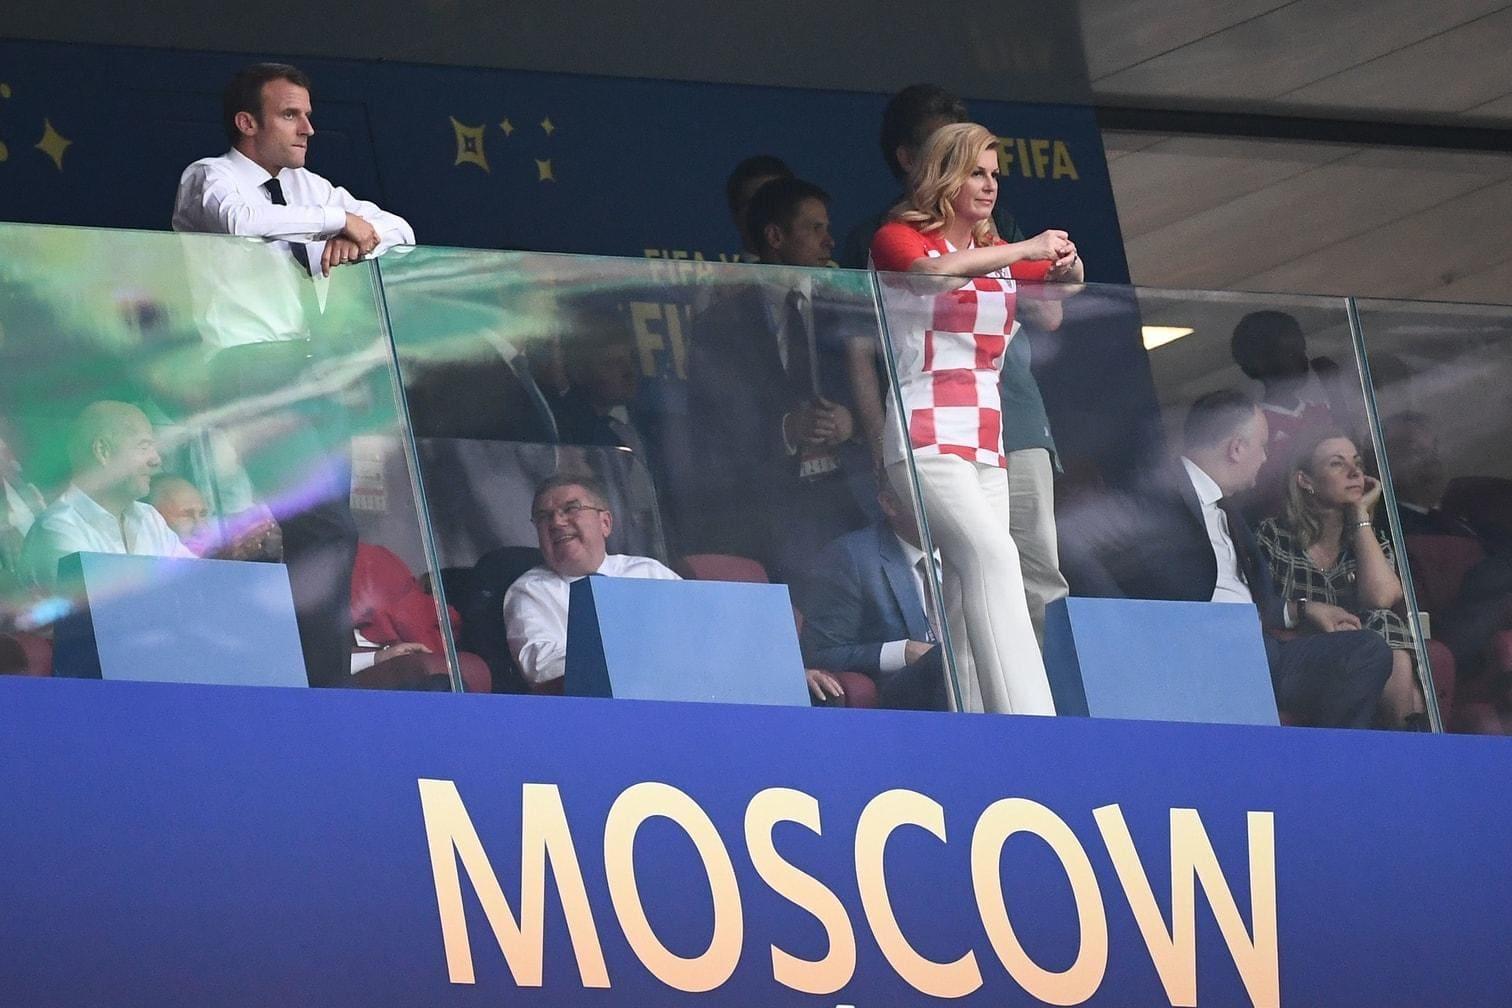 freundschaftlich und mitunter leidenschaftlich tröstete die erste weibliche Präsidentin ihres Landes die Verlierer des Abends gesten- und wortreich. Gekleidet im kroatischen Trikot &ndash; wie schon bei vorangegangenen Spielen &ndash; gibt sie sich als große Verliererin.</p> Foto: AFP